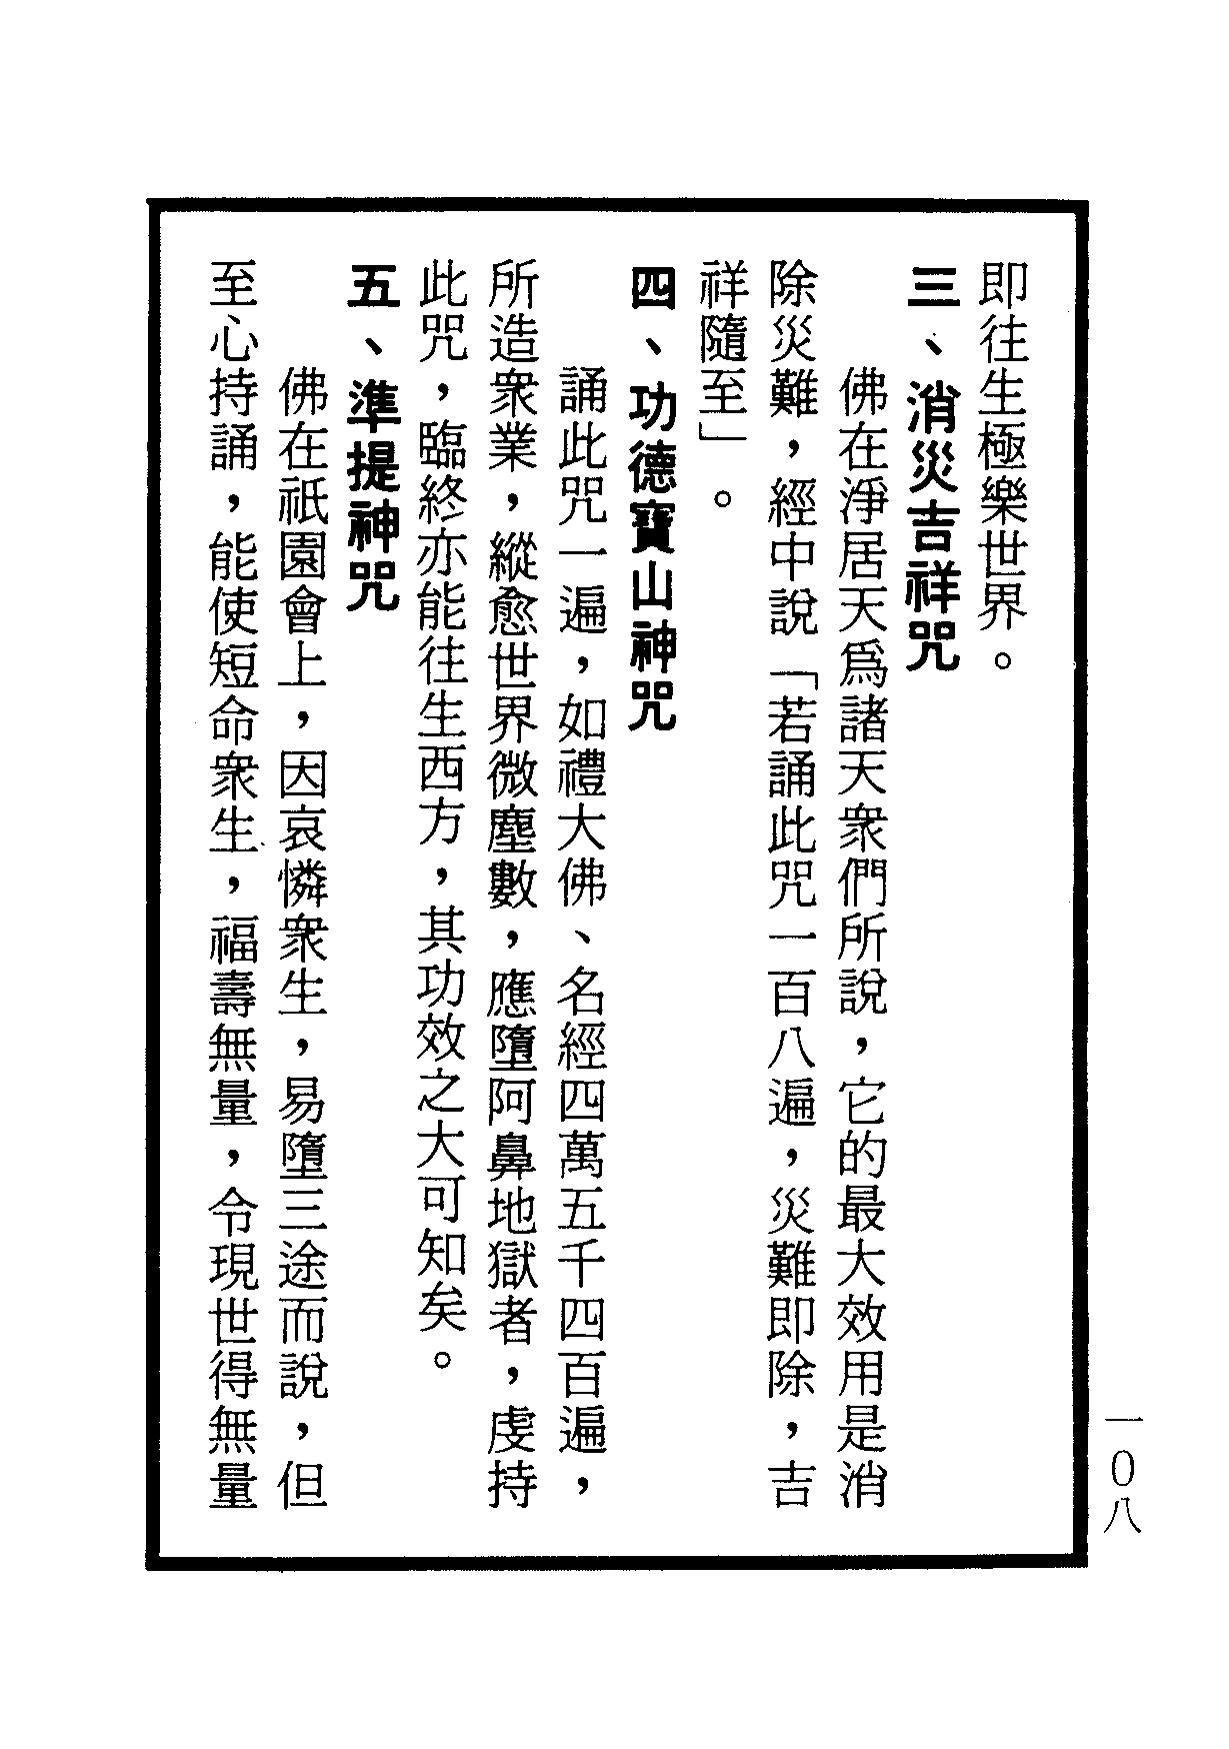 楞嚴咒-大悲咒-十小咒-易背本 114.png